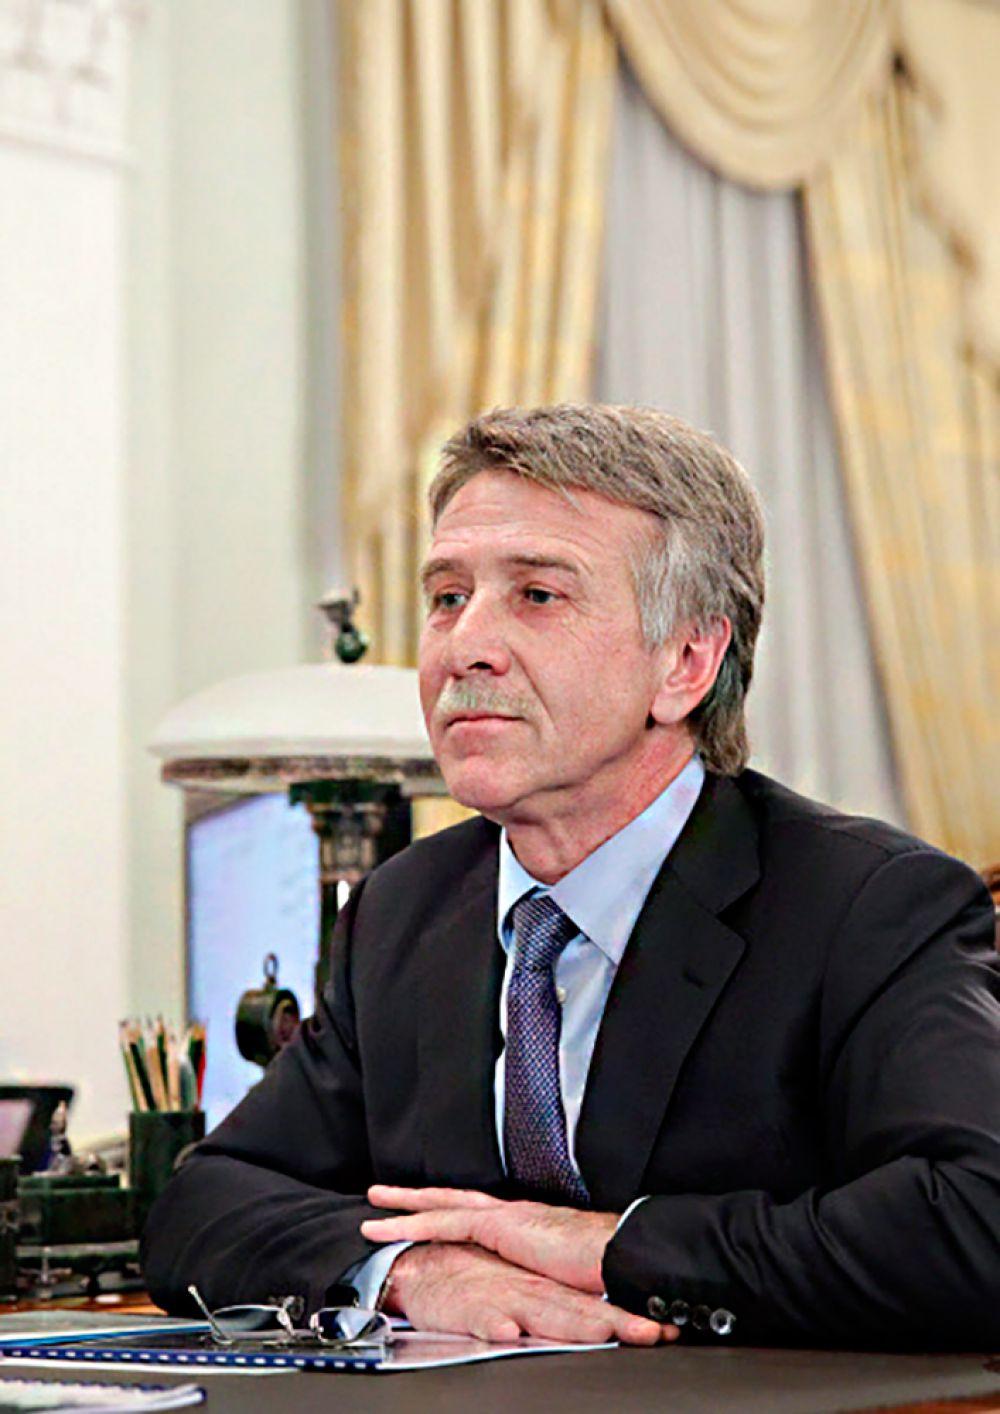 Совладелец «Новатэка» Леонид Михельсон за год потерял $3,9 млрд. Его состояние оценивается в $11,7 млрд, он занимает седьмое место.